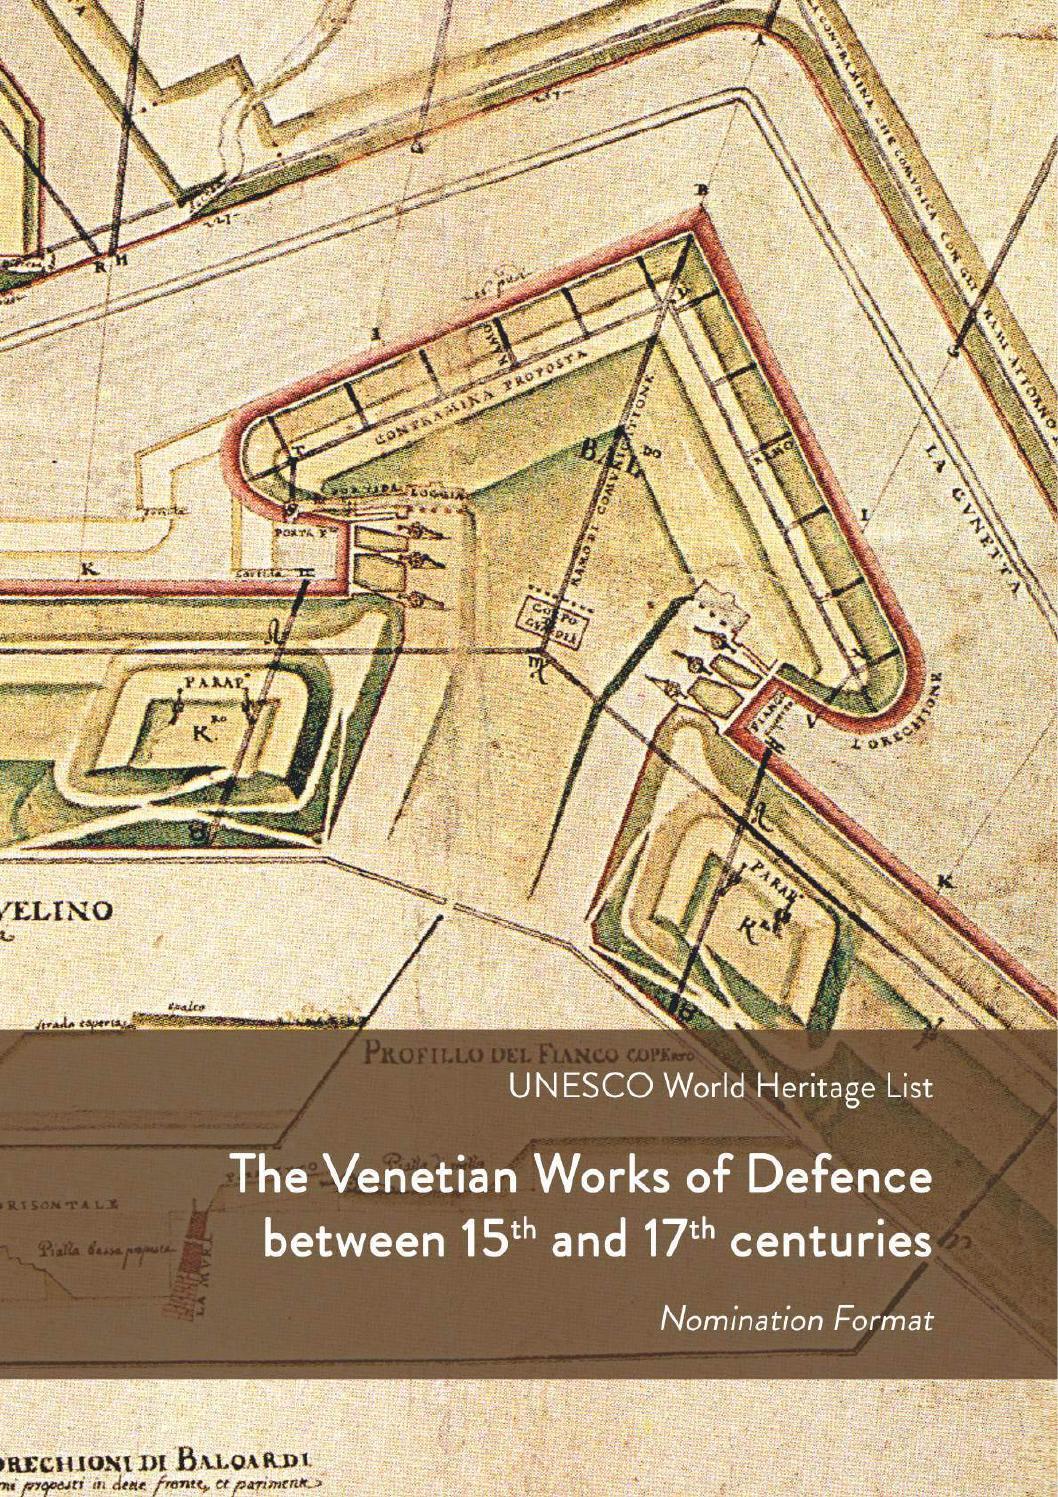 Il Dossier Di Candidatura Unesco Dei Sistemi Difesa Veneziani 1991 Mercy 420 Sel Fuse Box Diagram Tra Xv E Xvii Secolo By Comune Bergamo Issuu